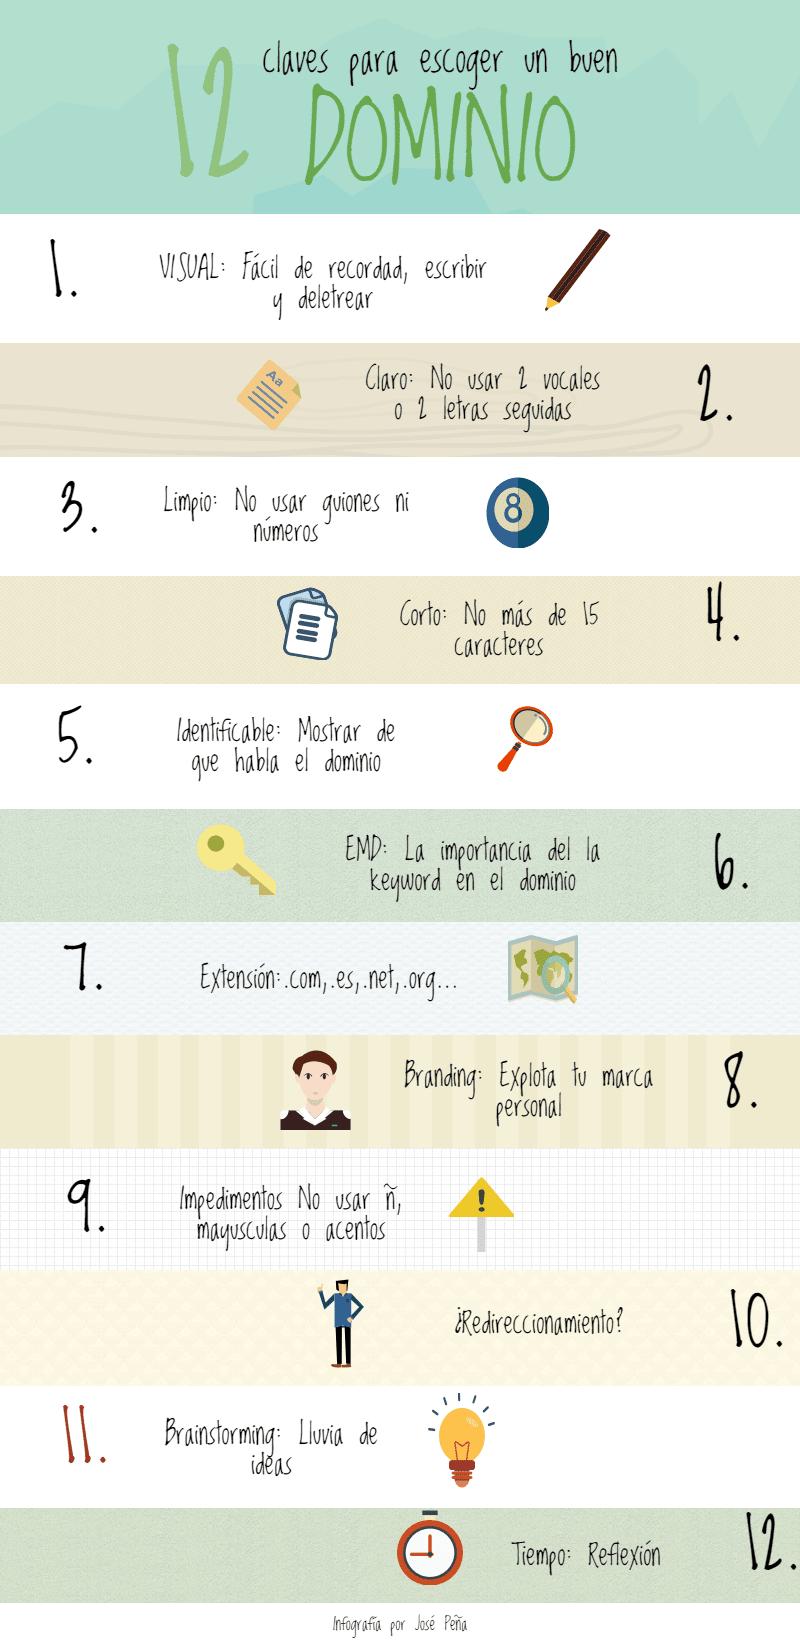 12 claves escoger un buen dominio infografía